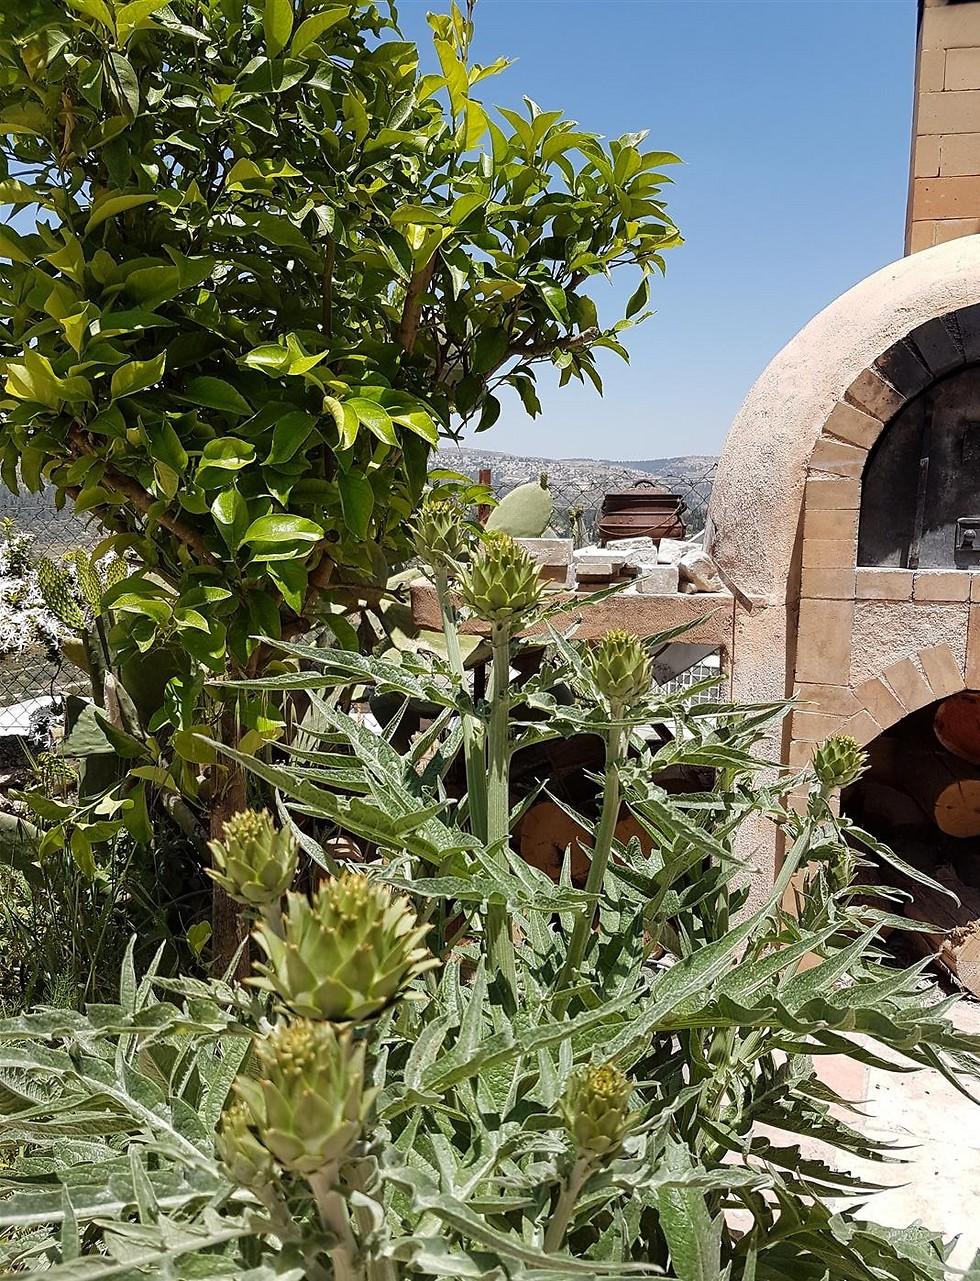 הבוסתן של עזרא קדם בהרי ירושלים: חלום רטוב של כל שף (צילום: יהודה נהר)